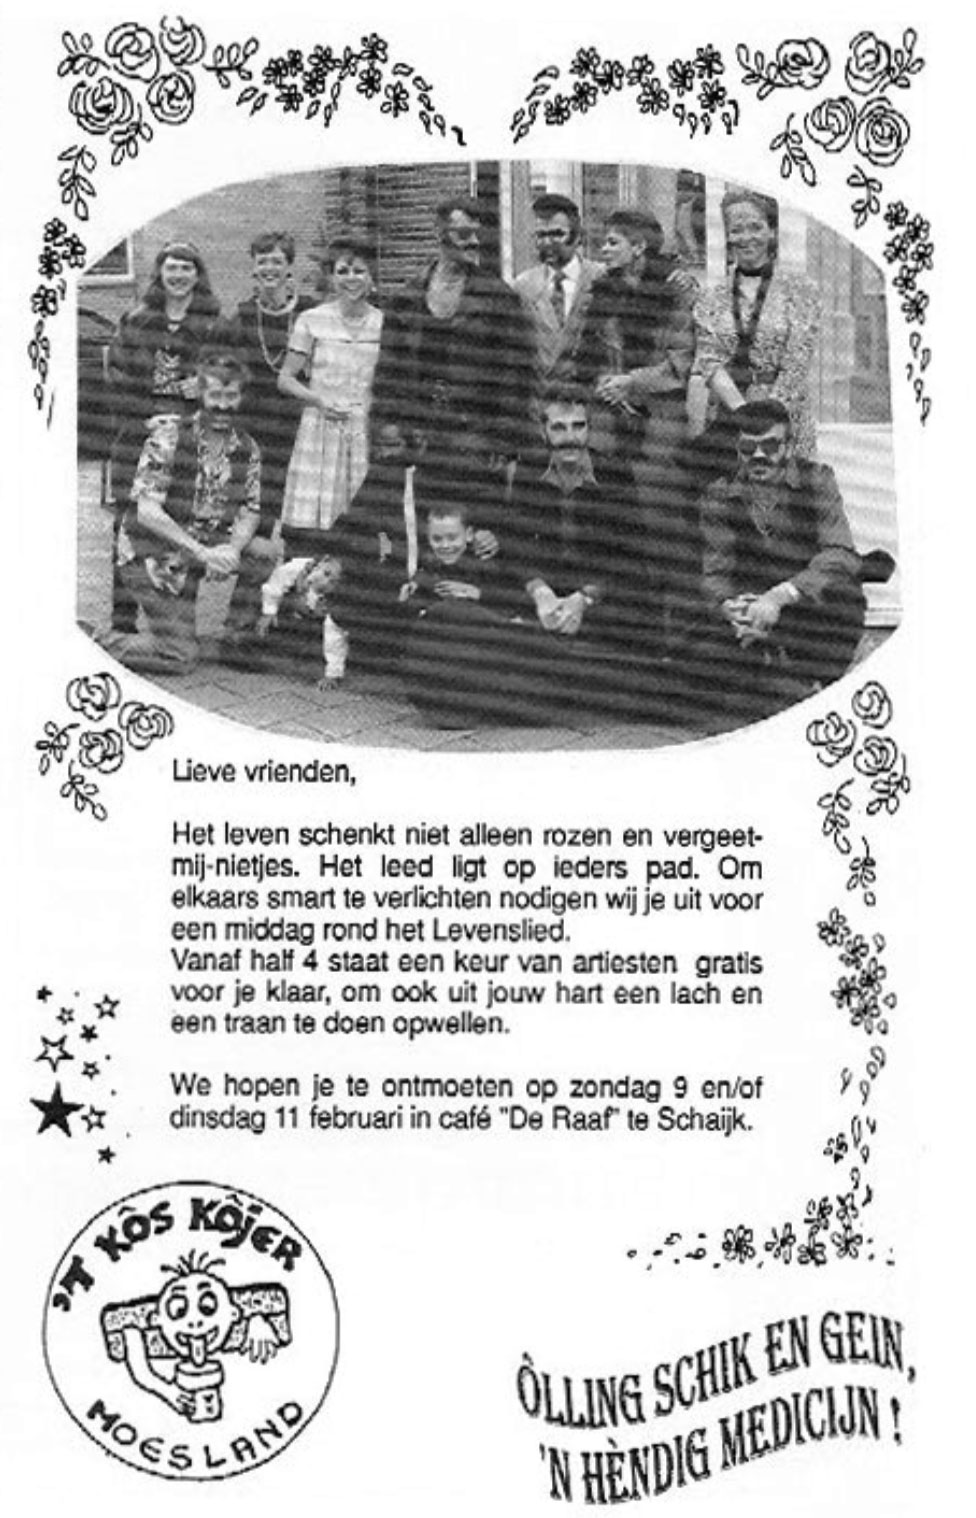 Stukje uit de carnavalskrant van 't Kos Kojer - 1997